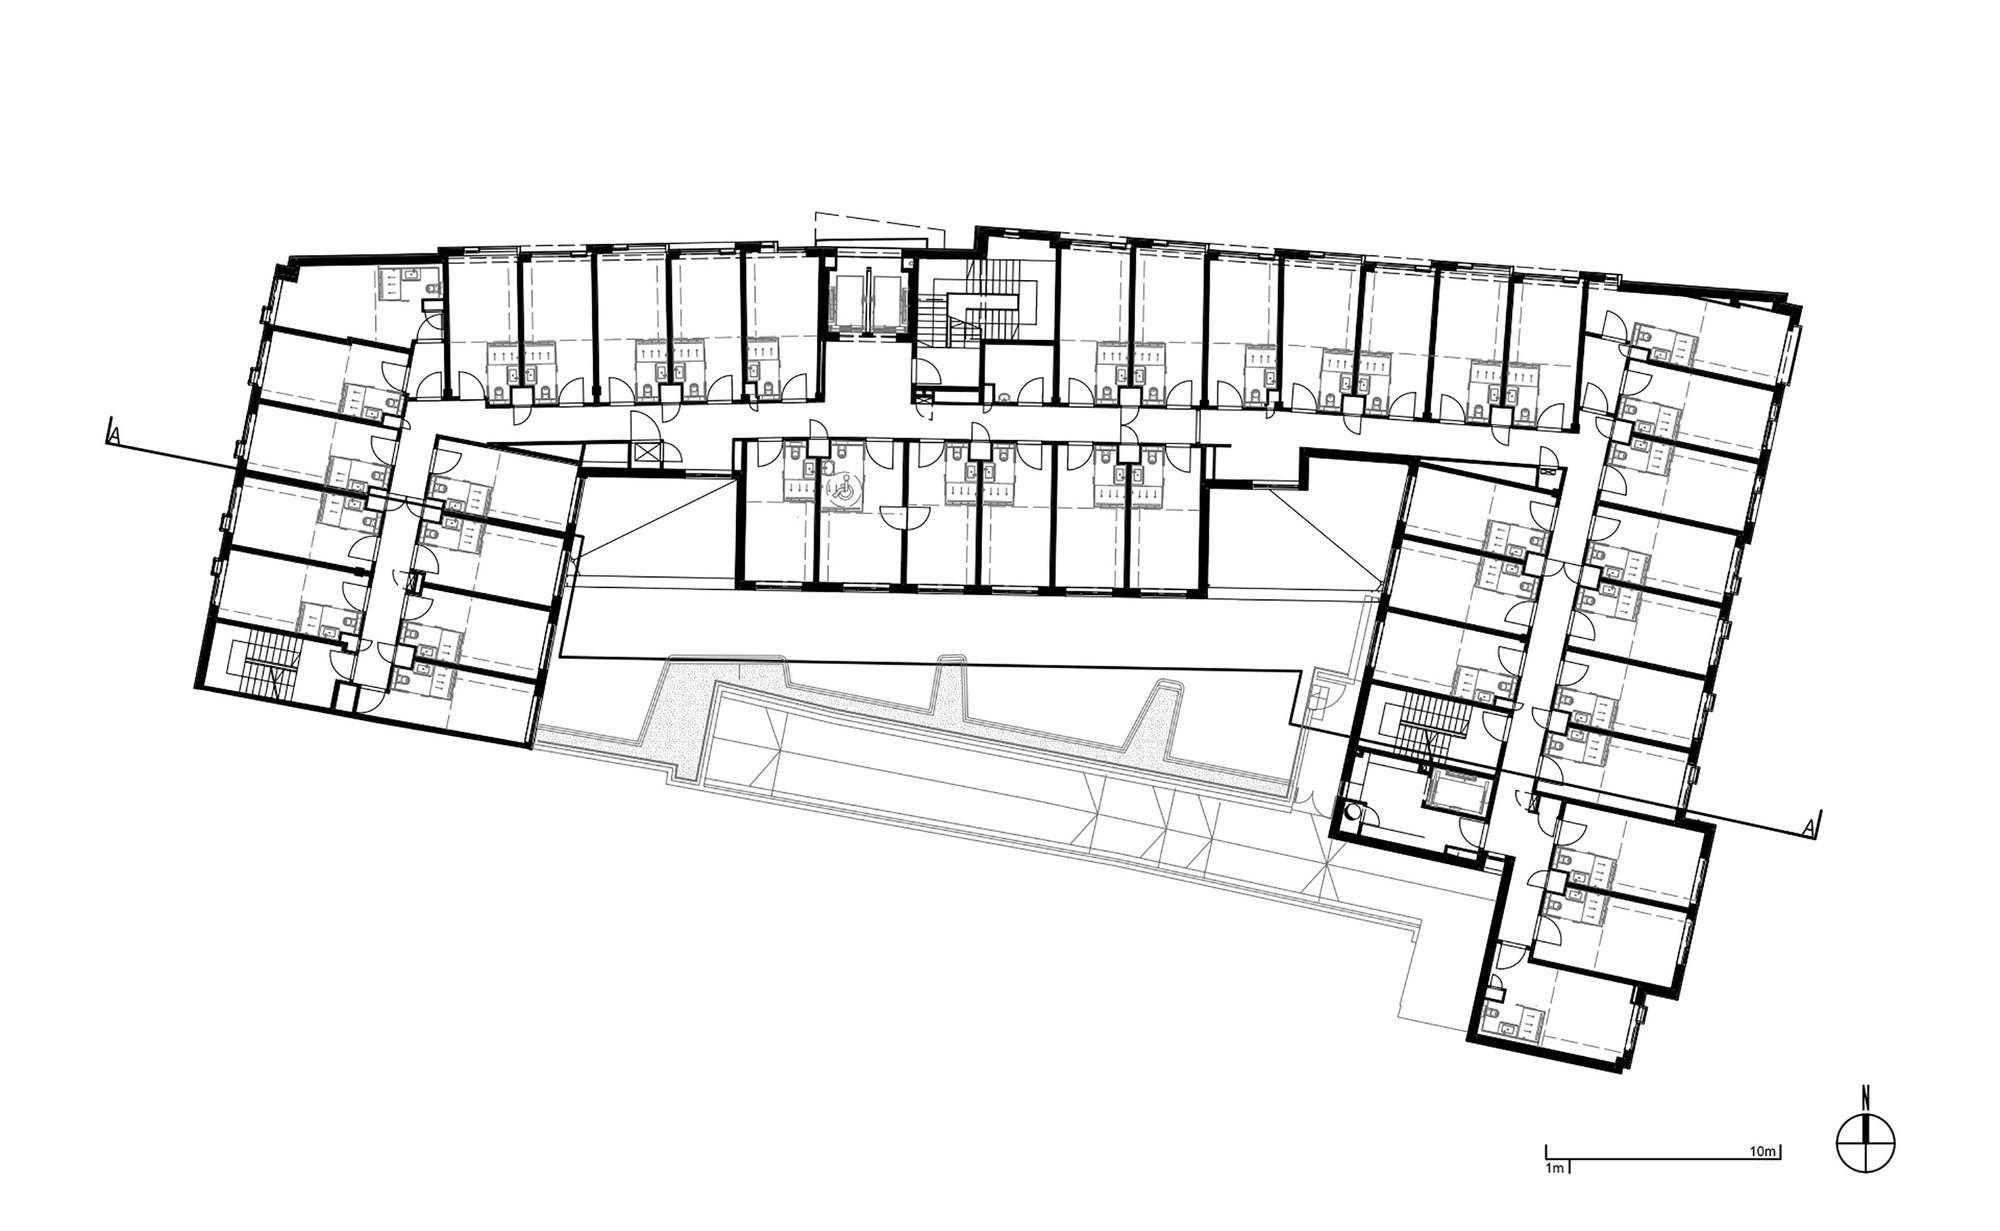 Sample Floor Plan Of A Restaurant Puro Hotel Asw Architekci Ankiersztajn Stankiewicz